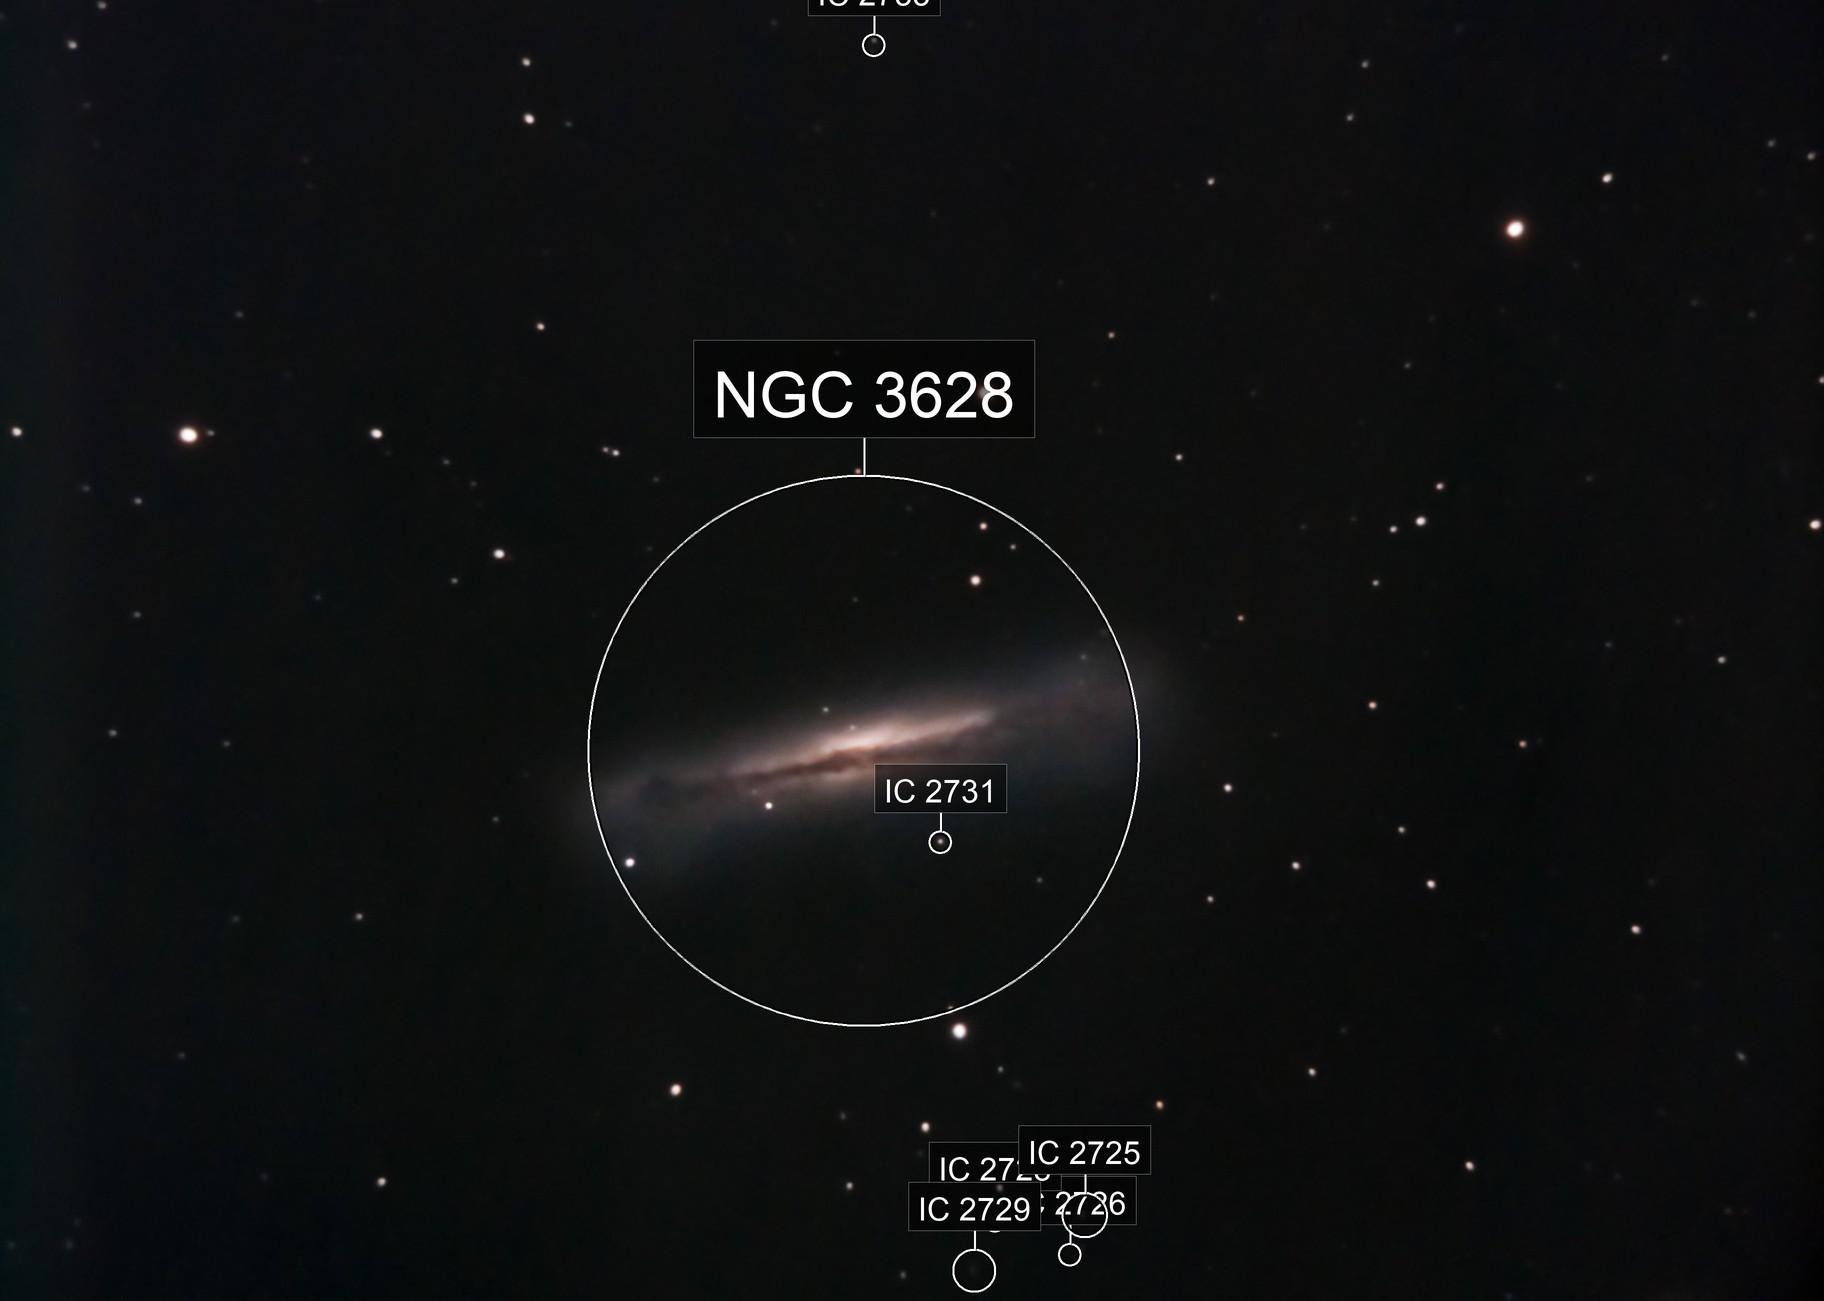 NGC 3628